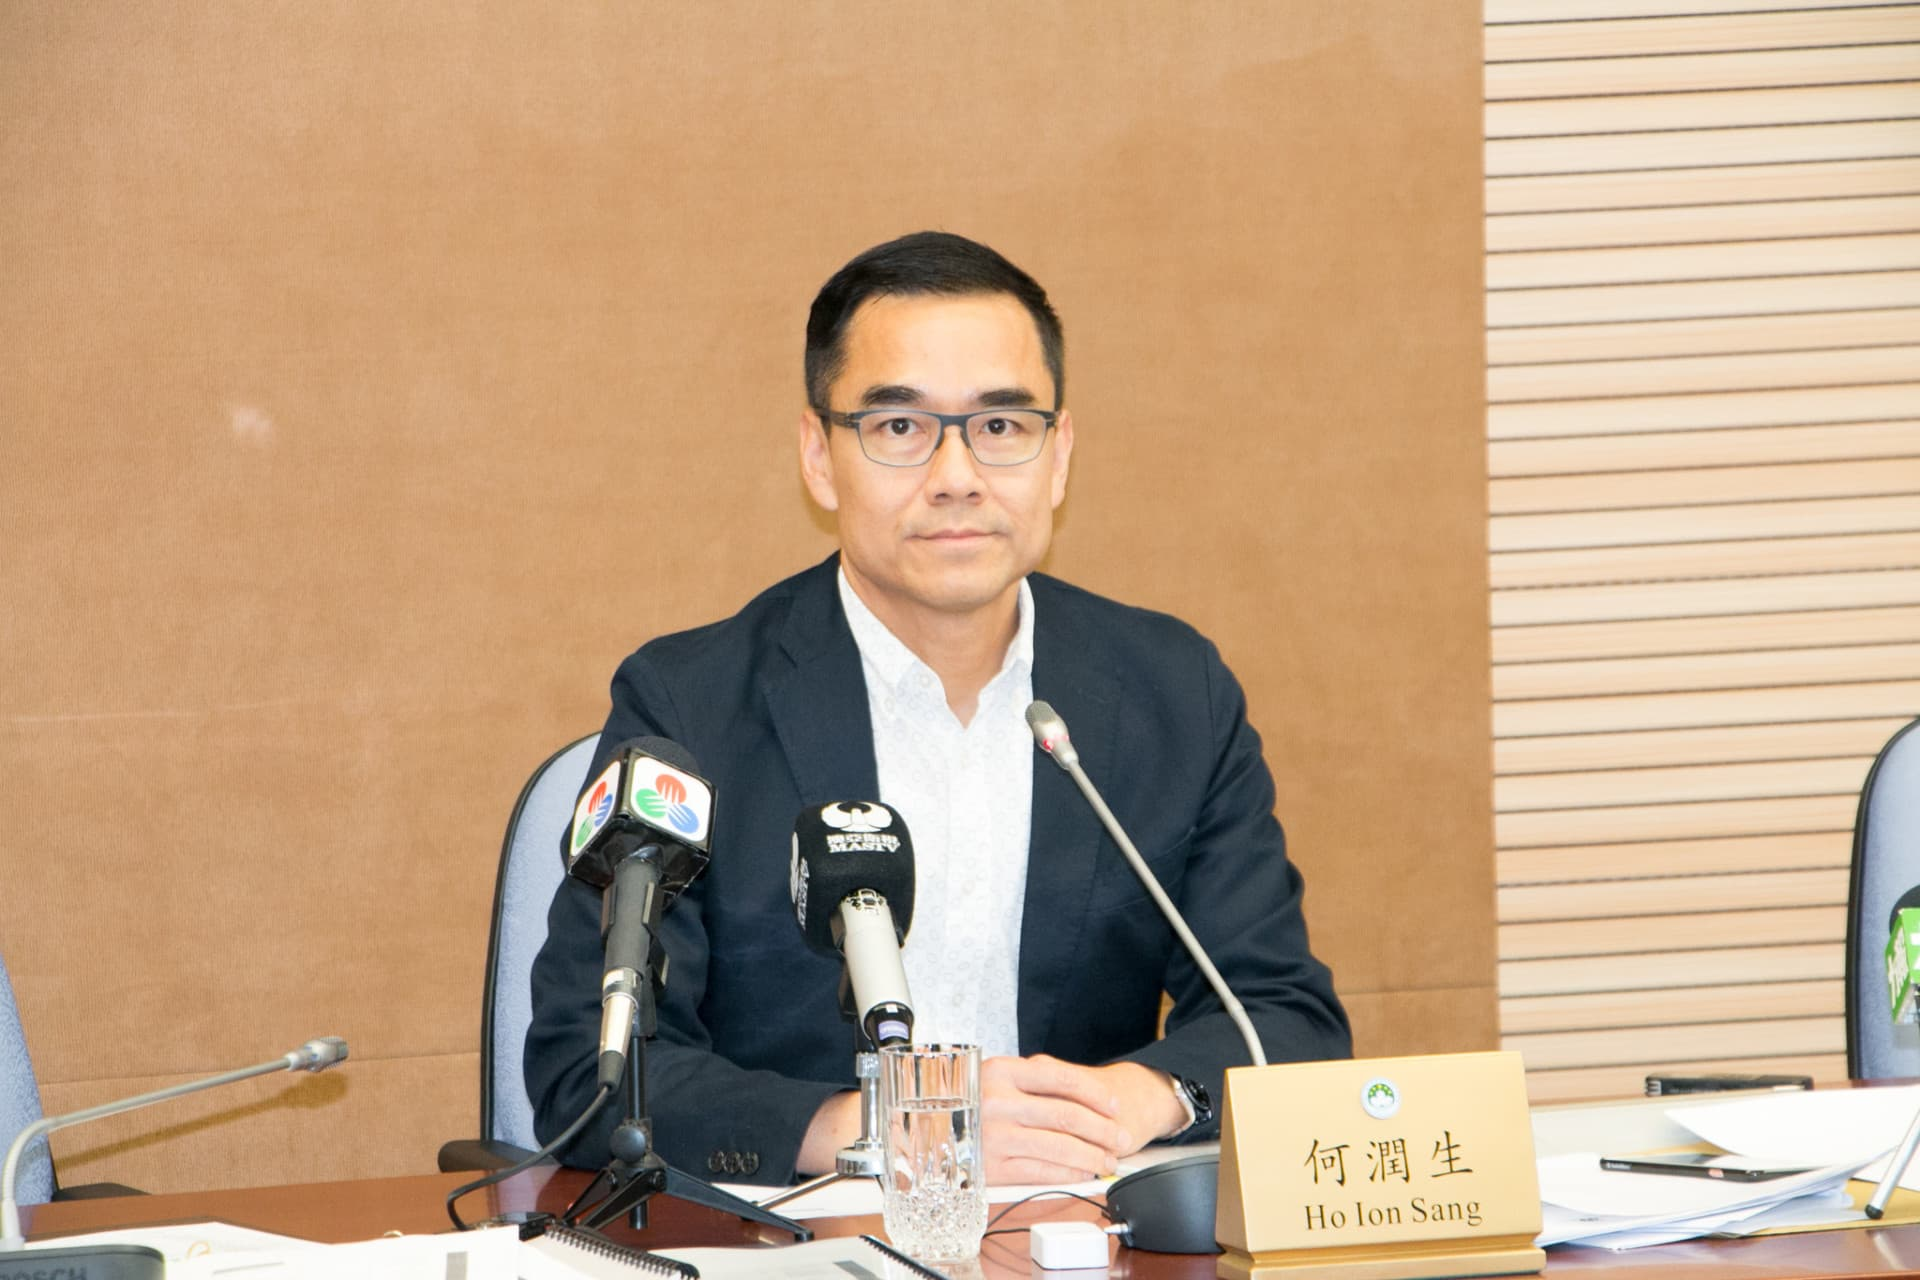 立法會土地及公共批給事務跟進委員會主席何潤生